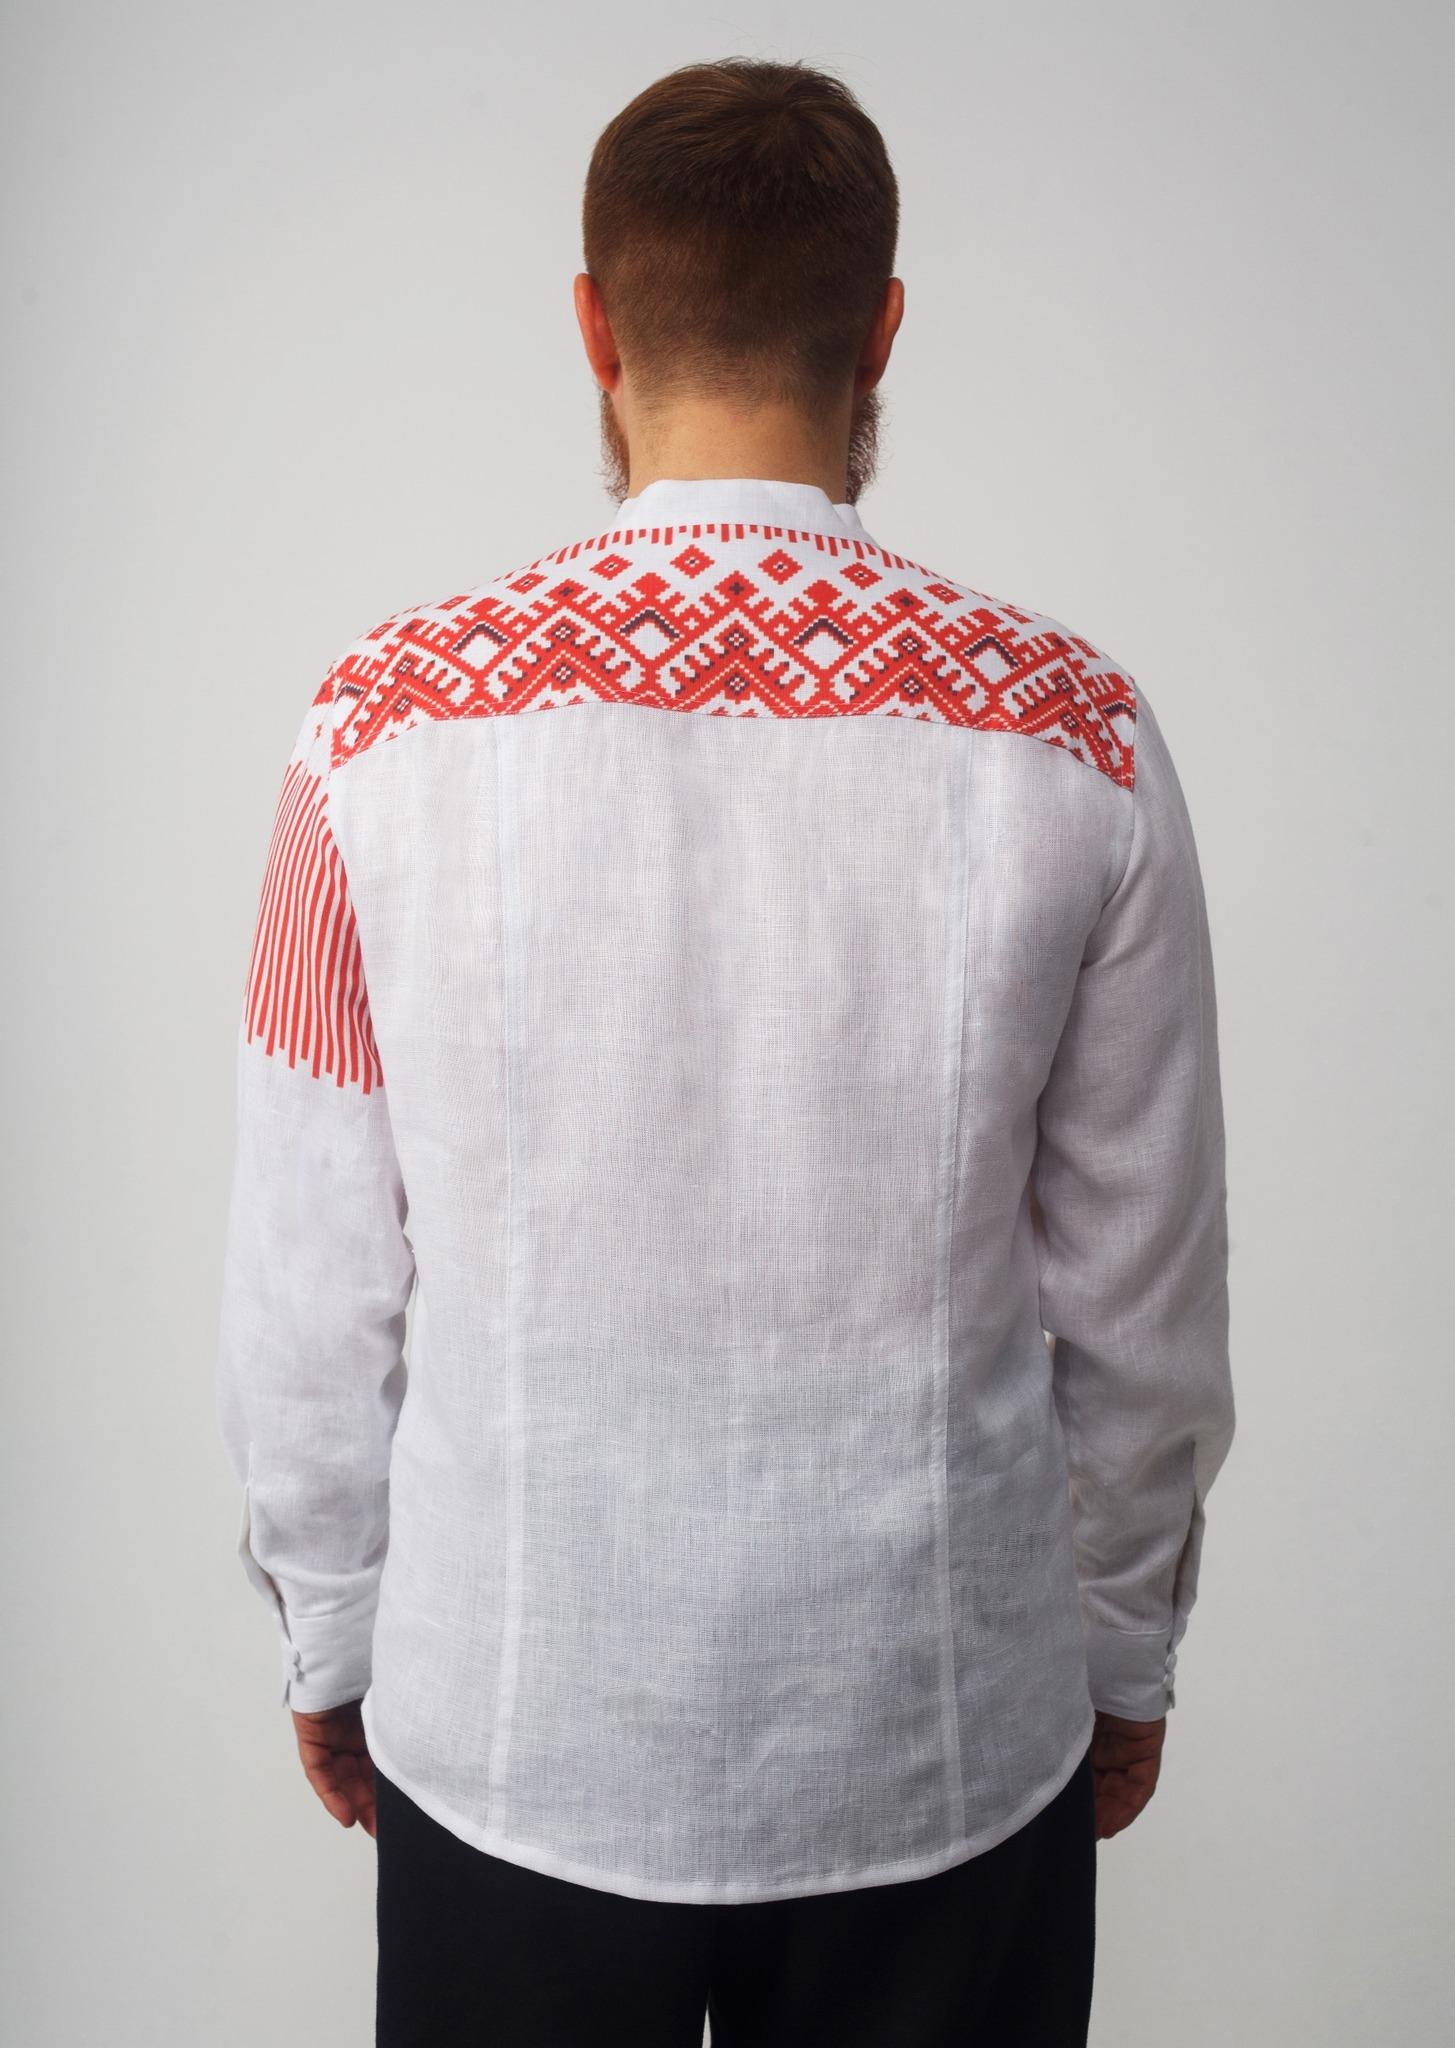 Рубашка мужская Русская вид сади